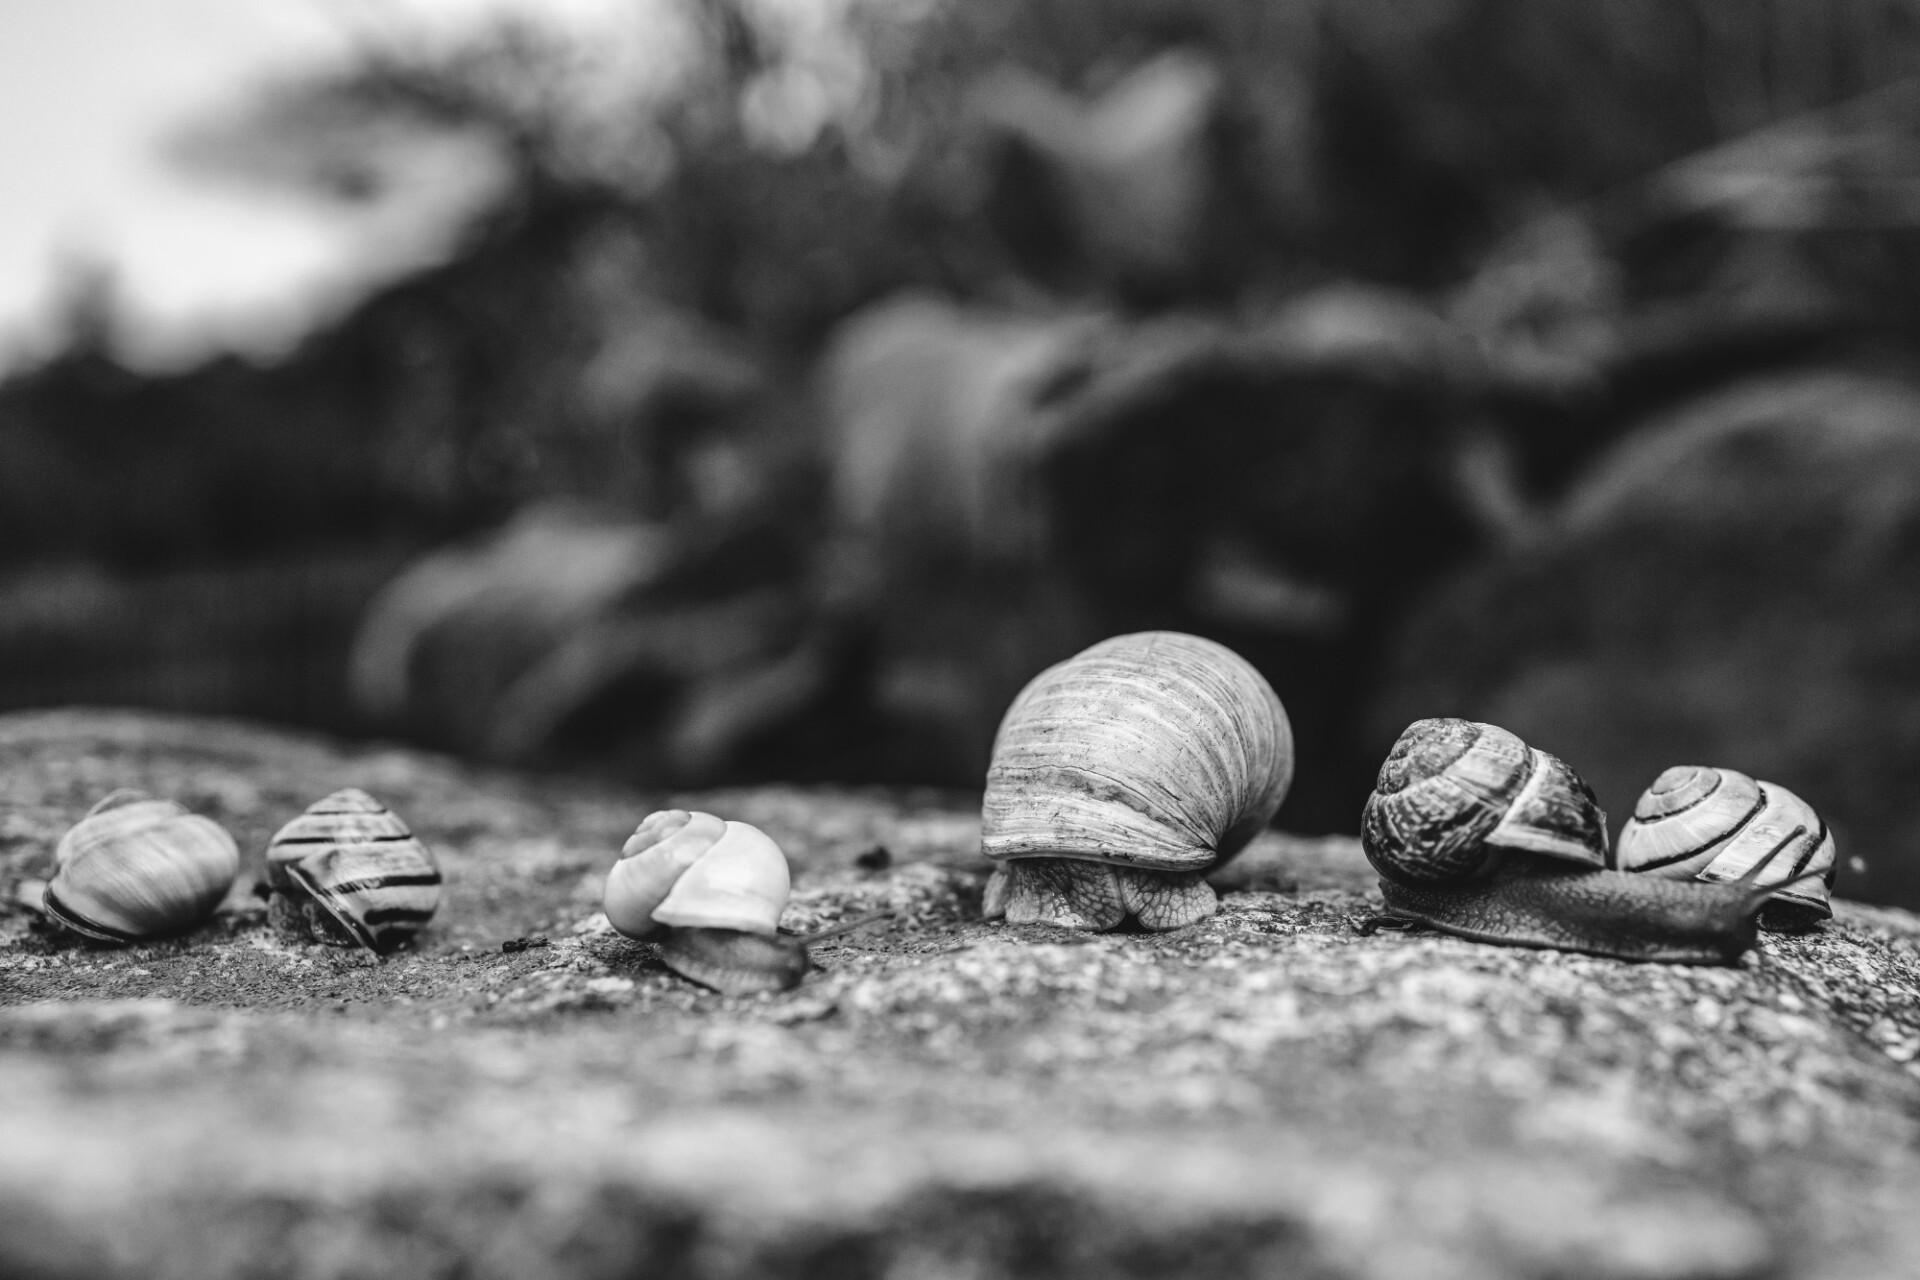 Six snails lying side by side